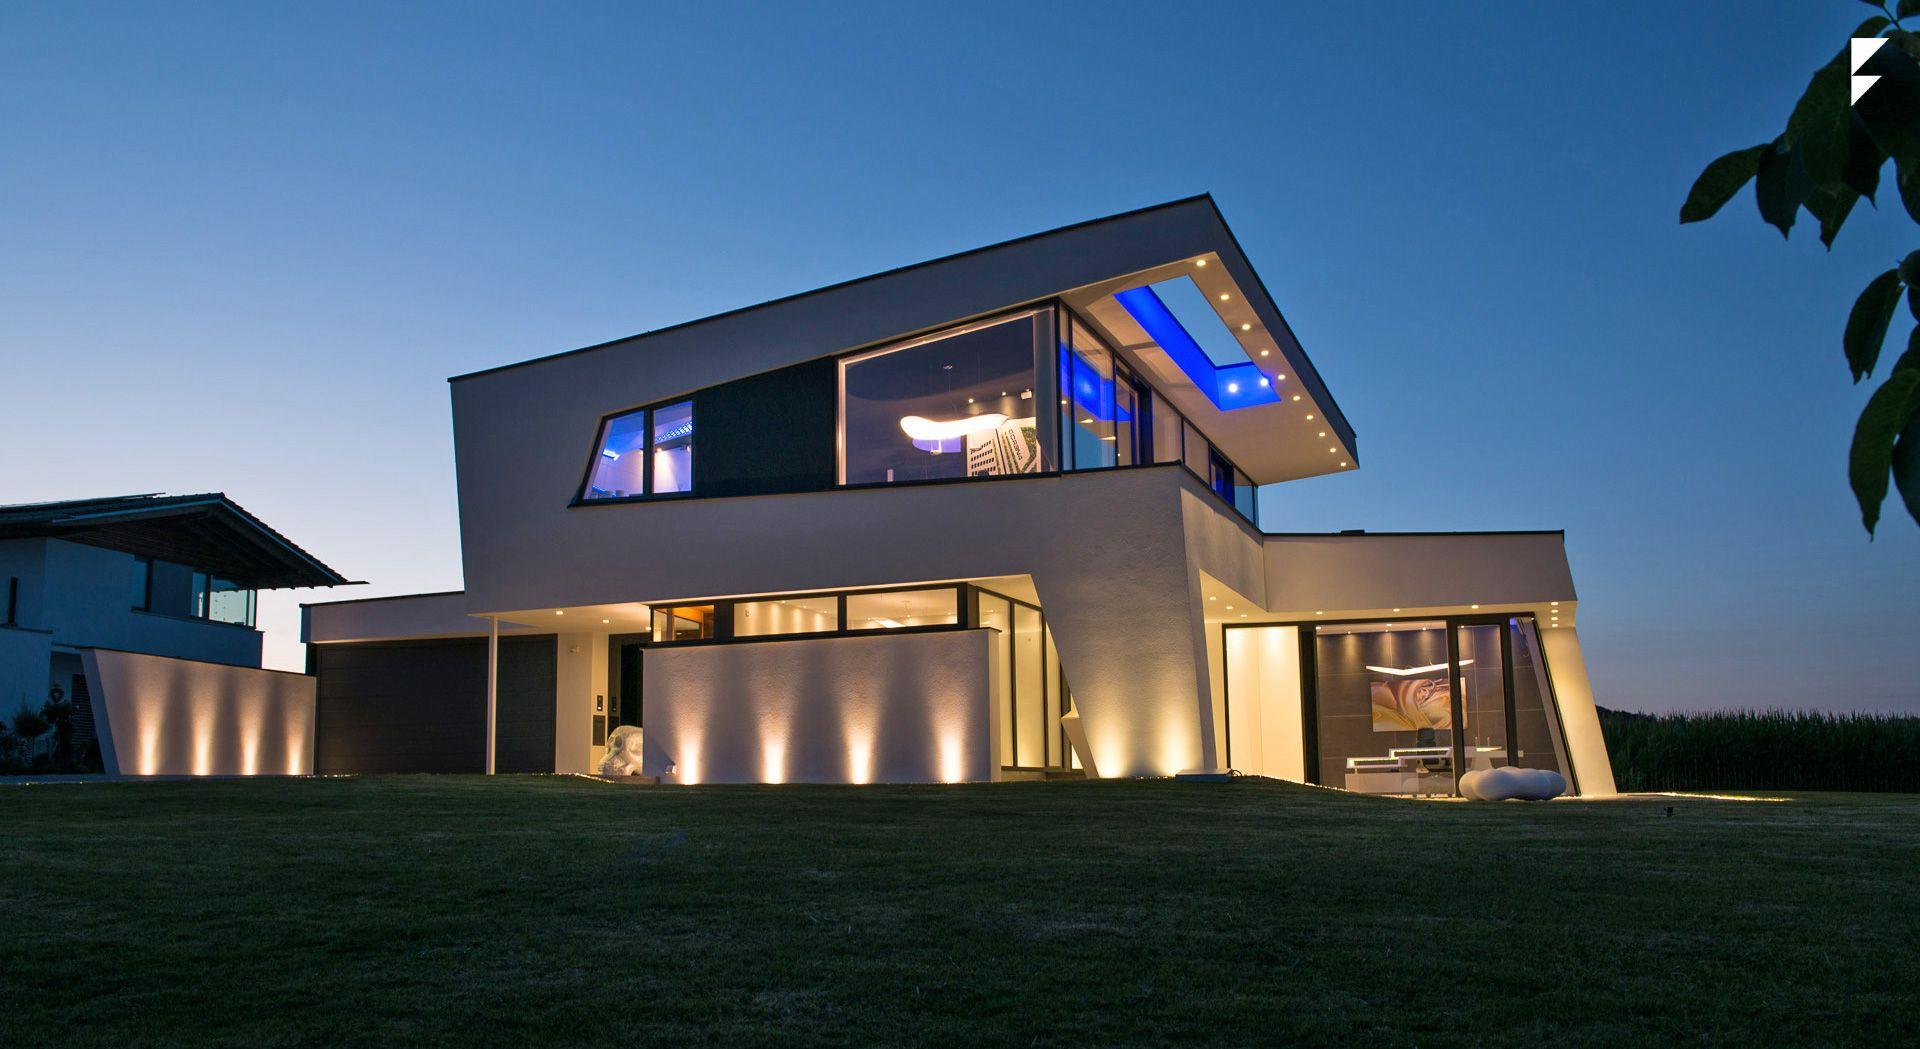 Architektenhaus in dingolfing bauen pultdach modern